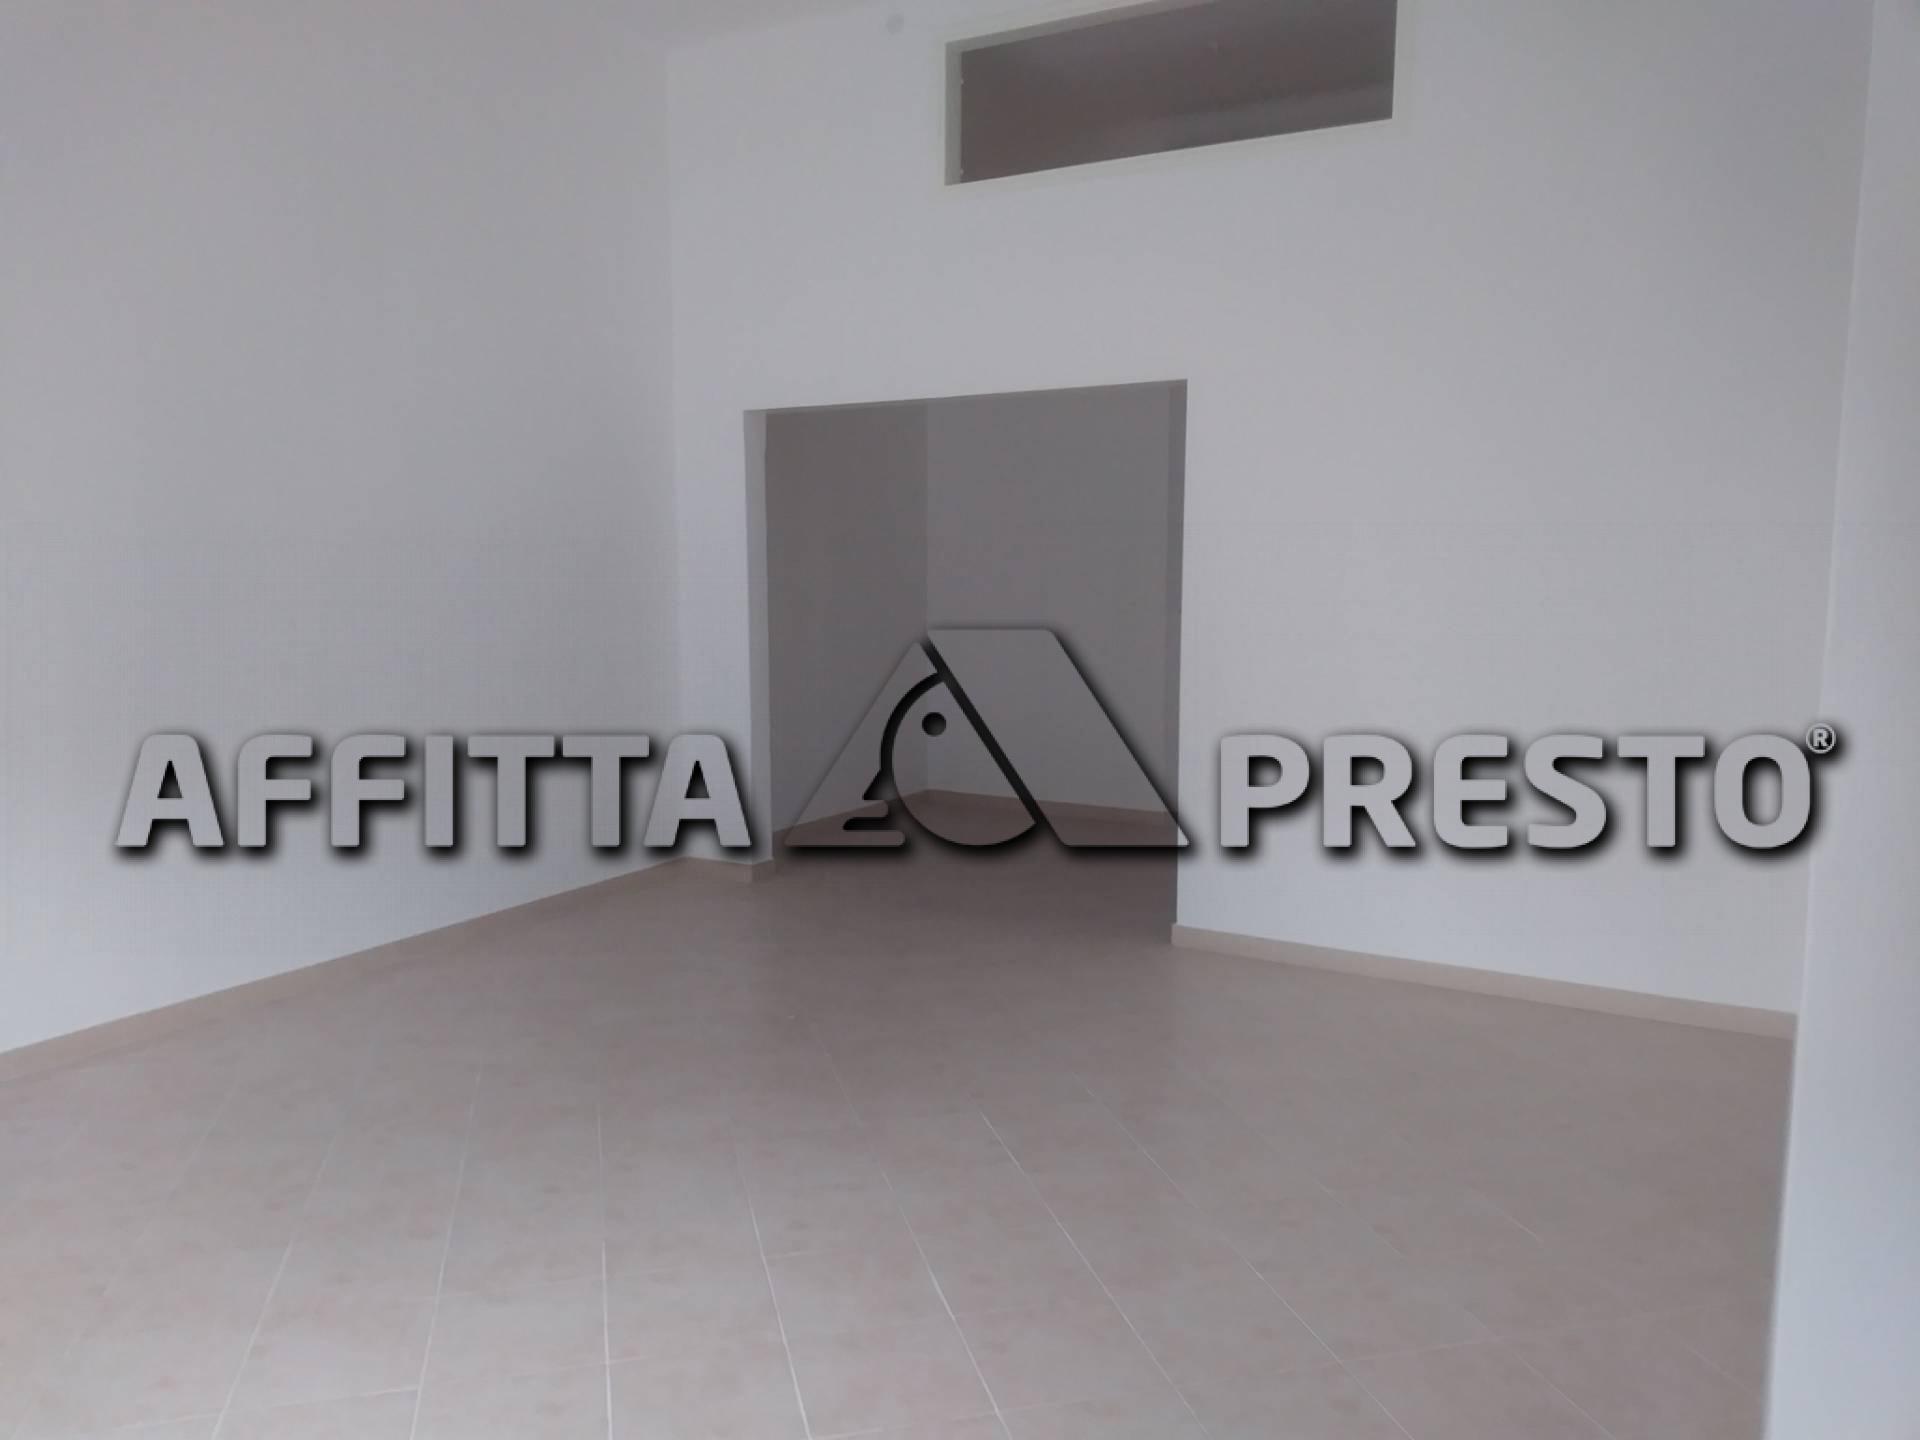 Attività commerciale in affitto - Don Bosco - Battelli, Pisa